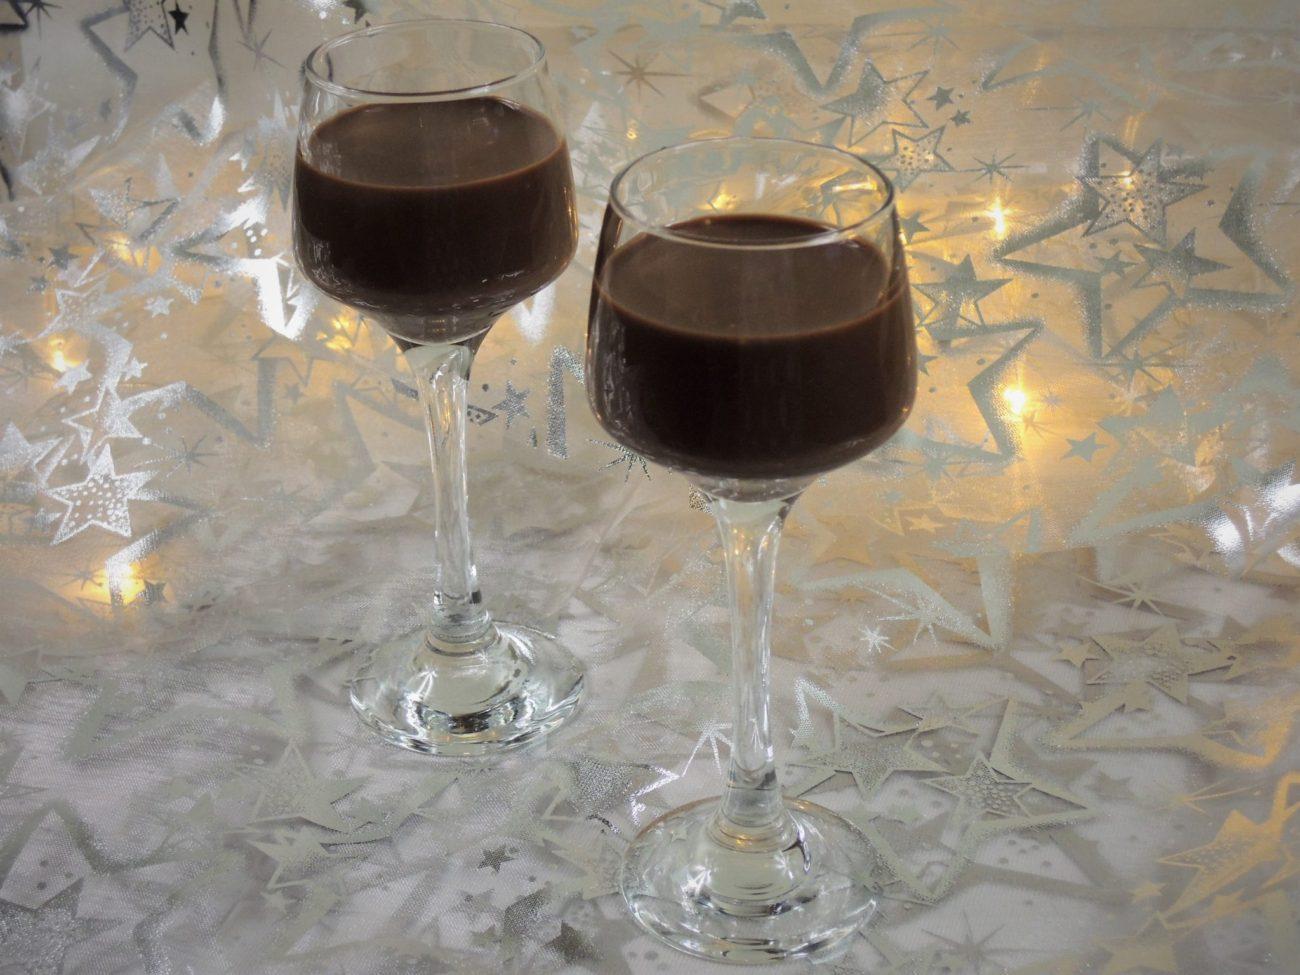 Kakao-kávový likér